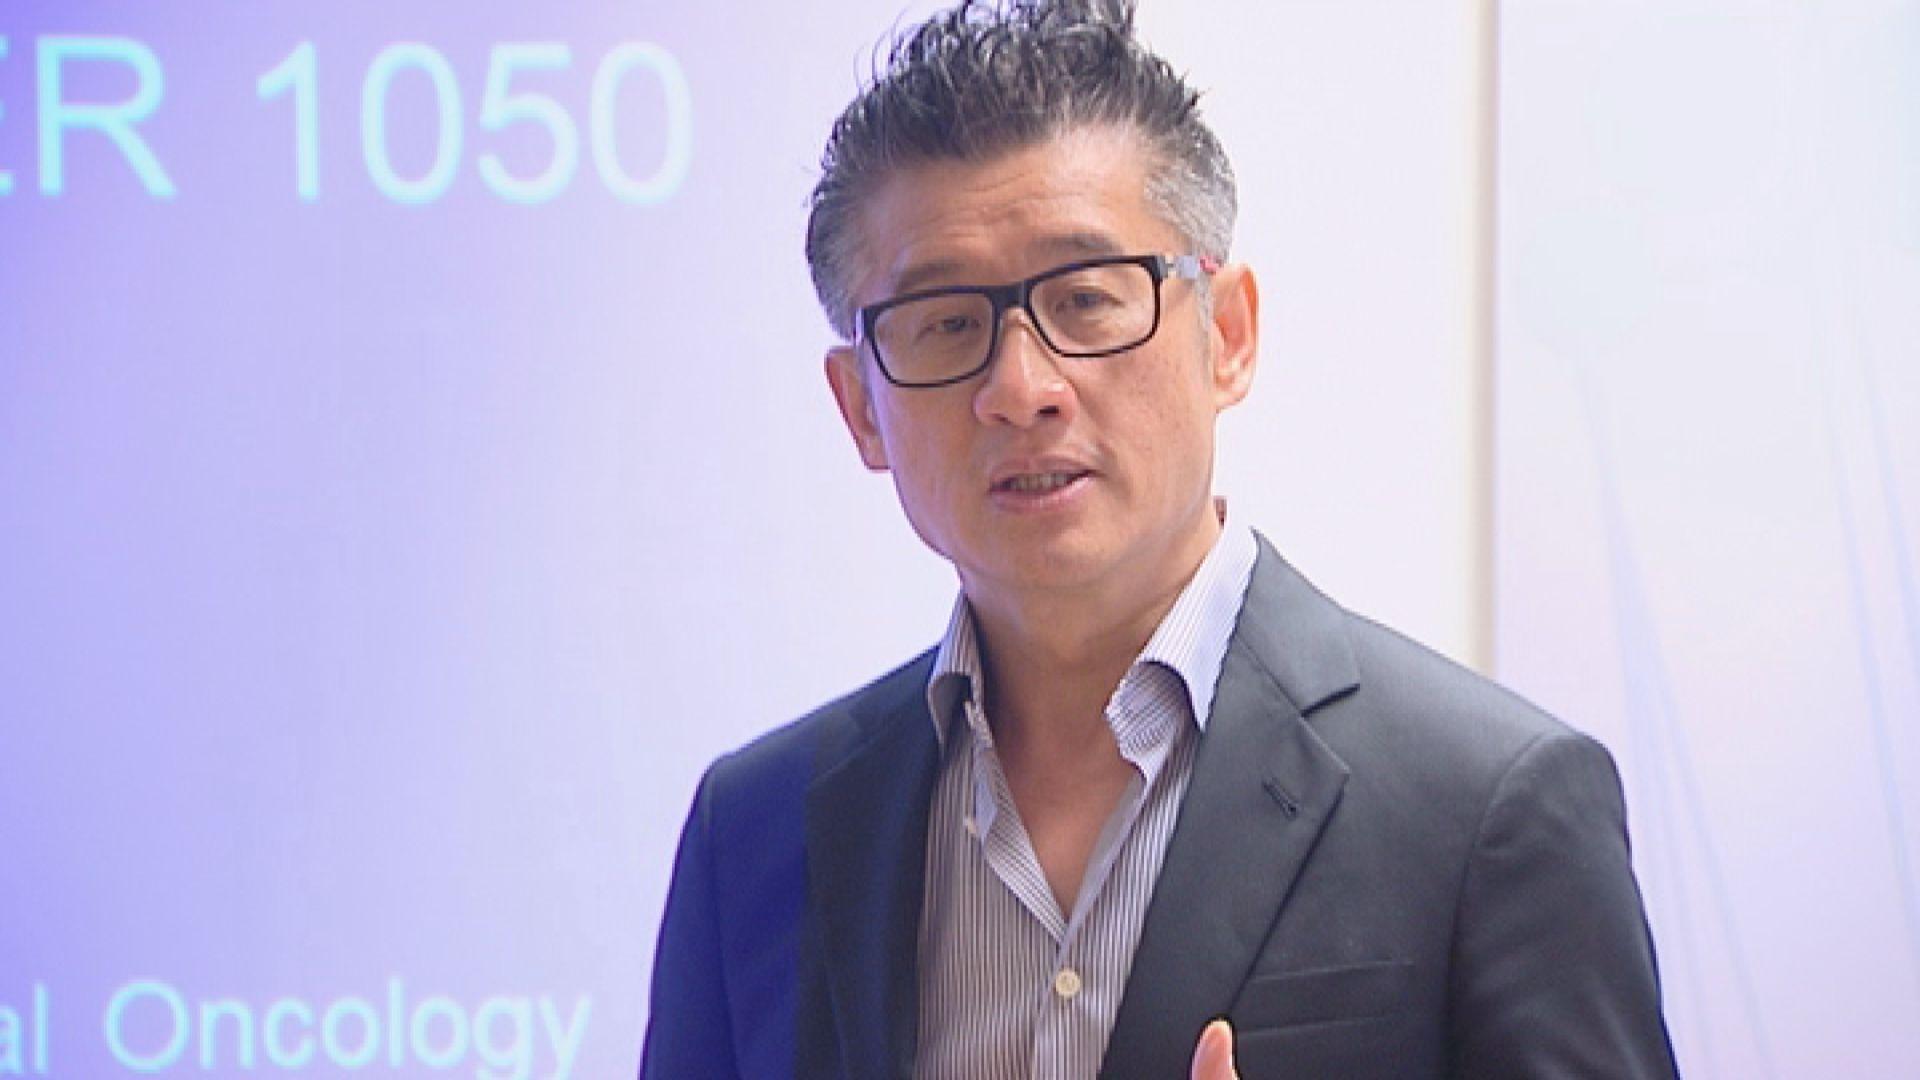 莫樹錦獲全球「腫瘤學巨人」稱譽